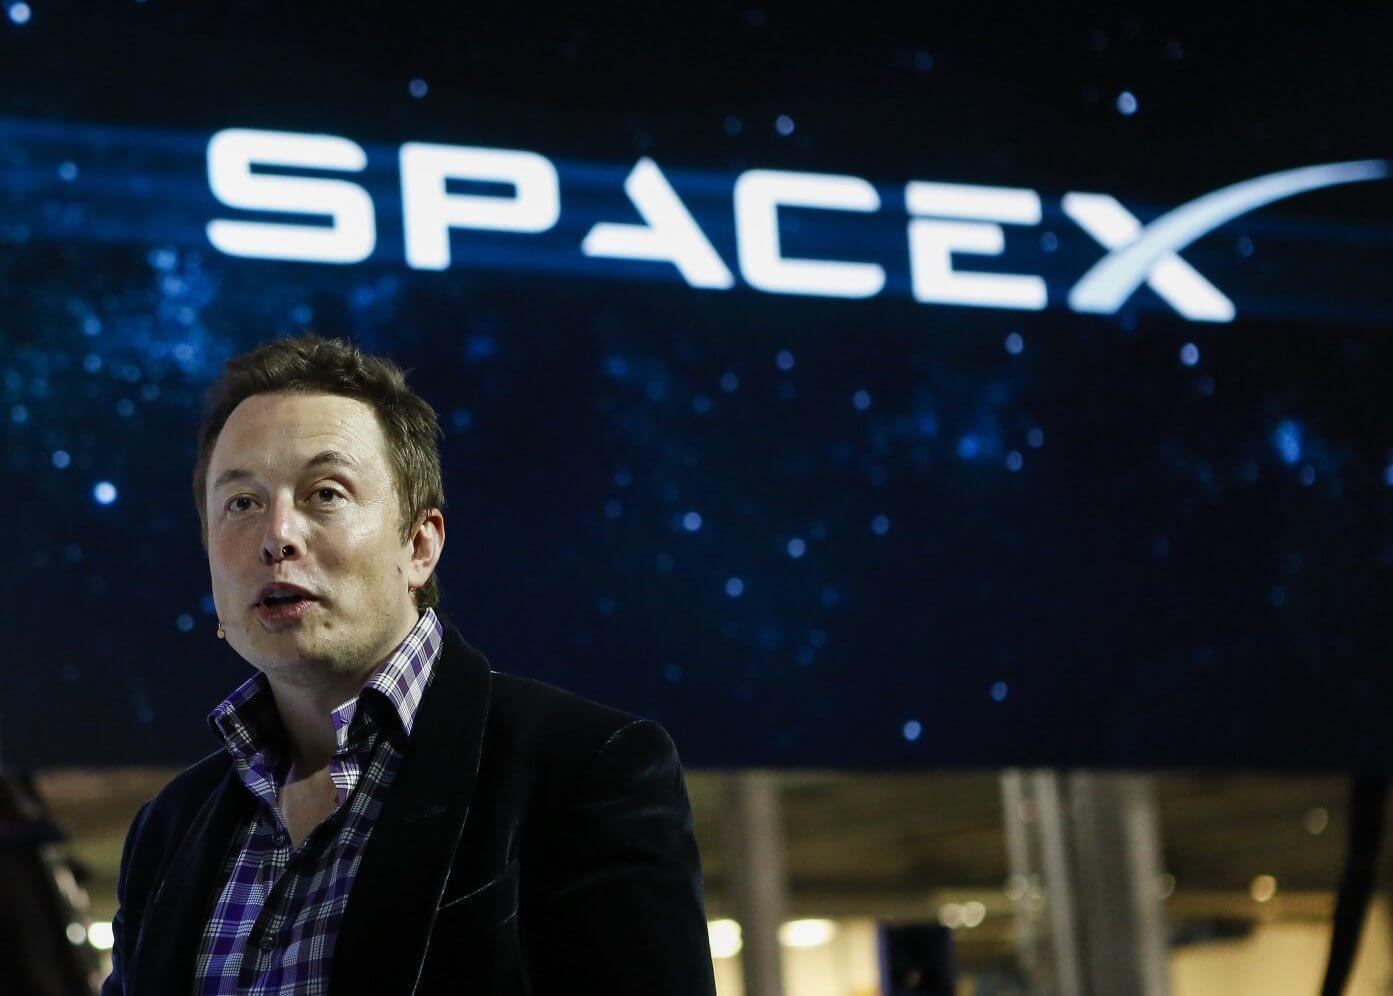 SpaceX recupera Falcon 9 intacto e deixa tudo igual na Corrida Espacial do Século XXI